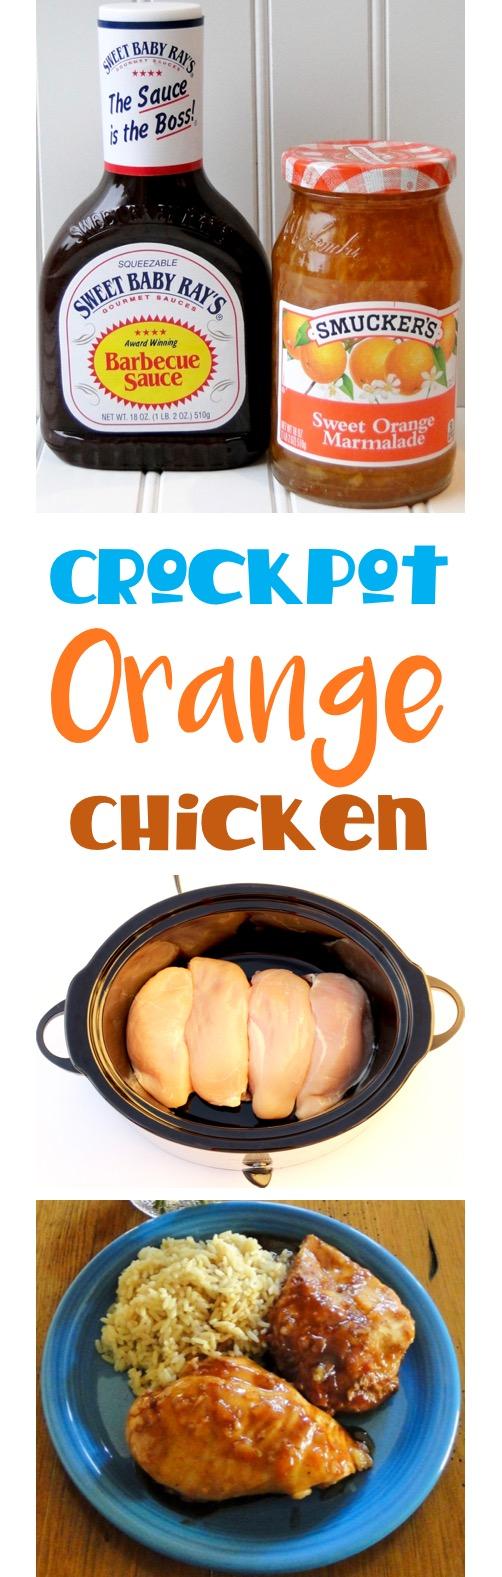 Crockpot Orange Chicken Recipe Easy 4 Ingredients from TheFrugalGirls.com